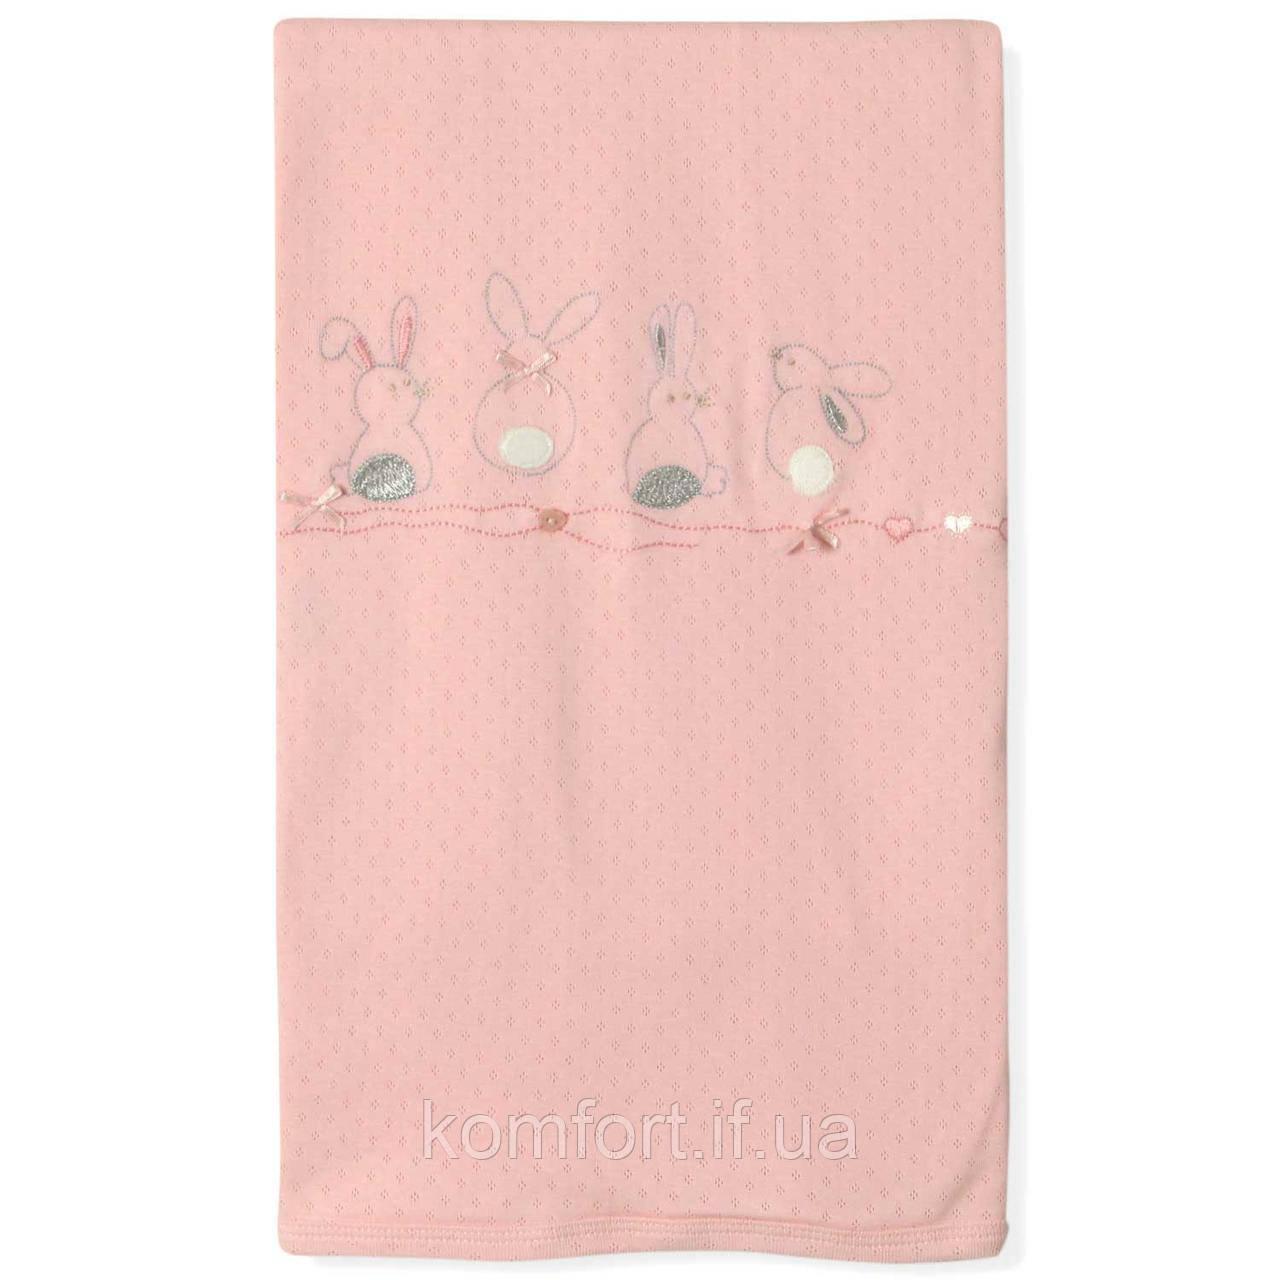 Одеяло для новорожденного Caramell Caramell (One Size)